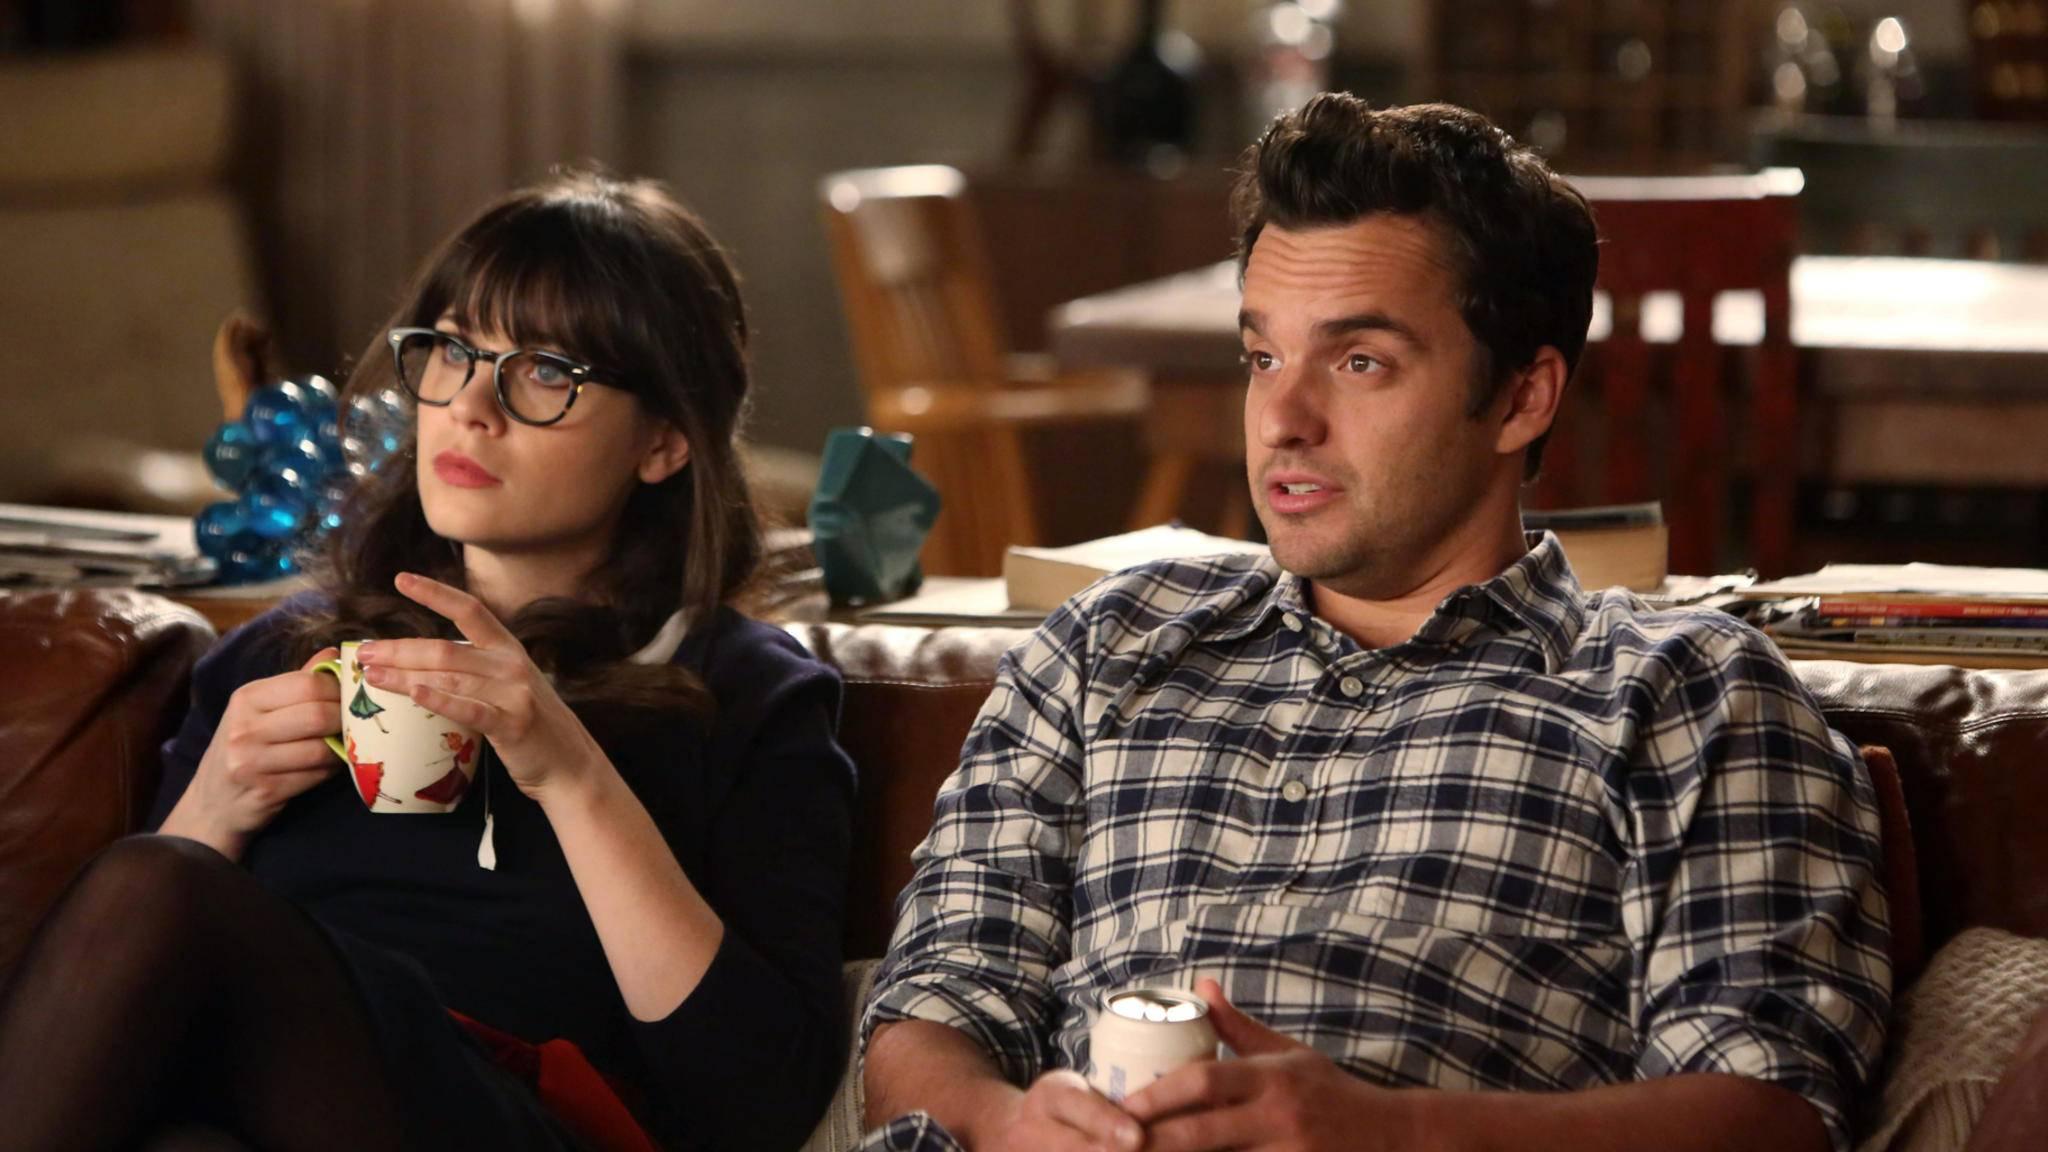 Die Abenteuer von Jess und Nick neigen sich ihrem Ende zu.